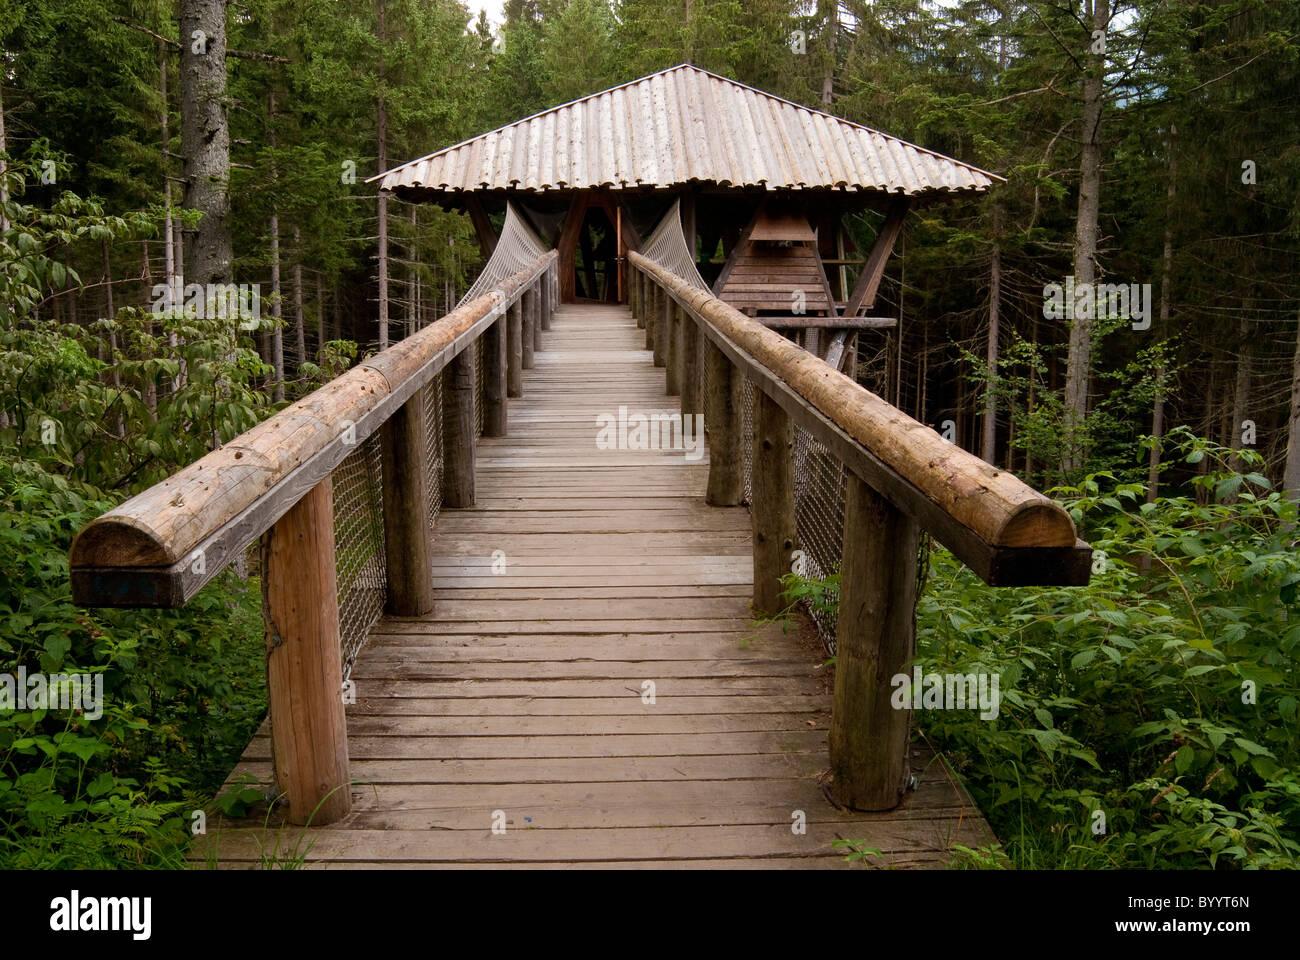 Argomento capanna a Falkenstein Wilderness Camp, Parco Nazionale della Foresta Bavarese, Baviera, Germania. Immagini Stock